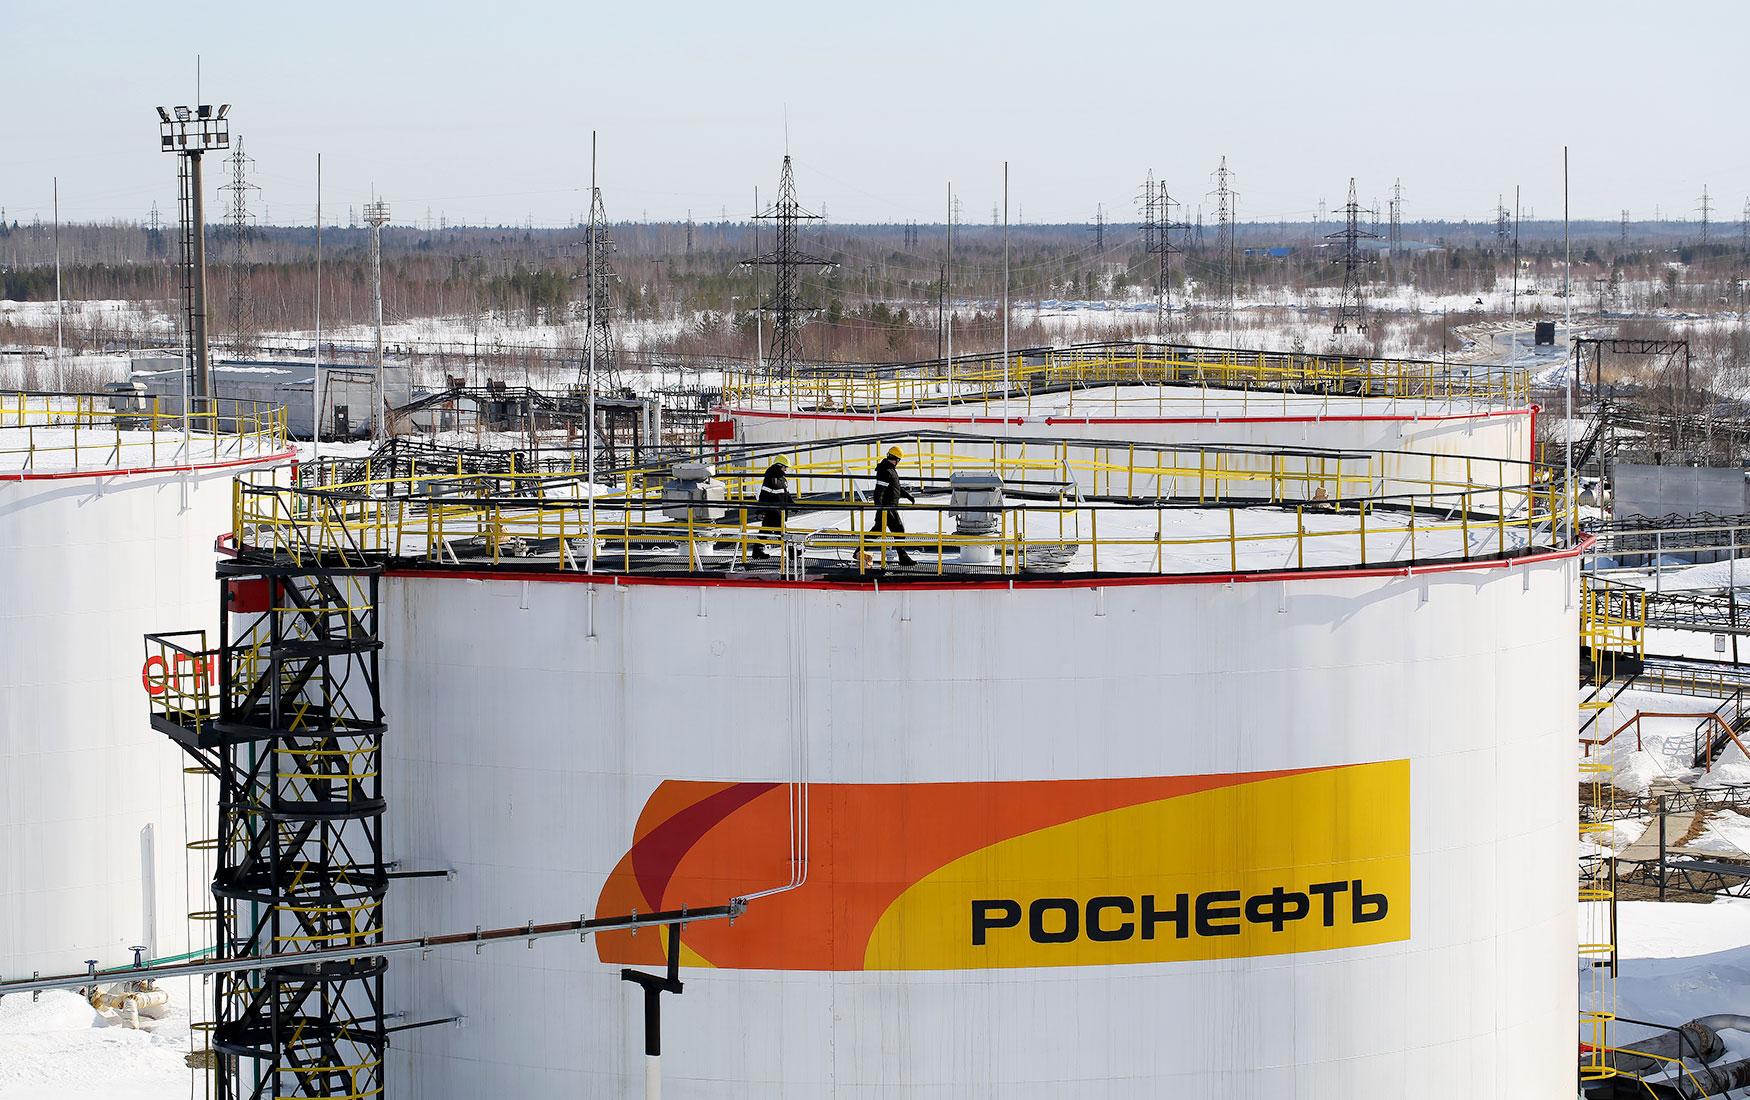 Угроза на $9 млрд. Как расследование против китайского инвестора «Роснефти» отразится на сделке